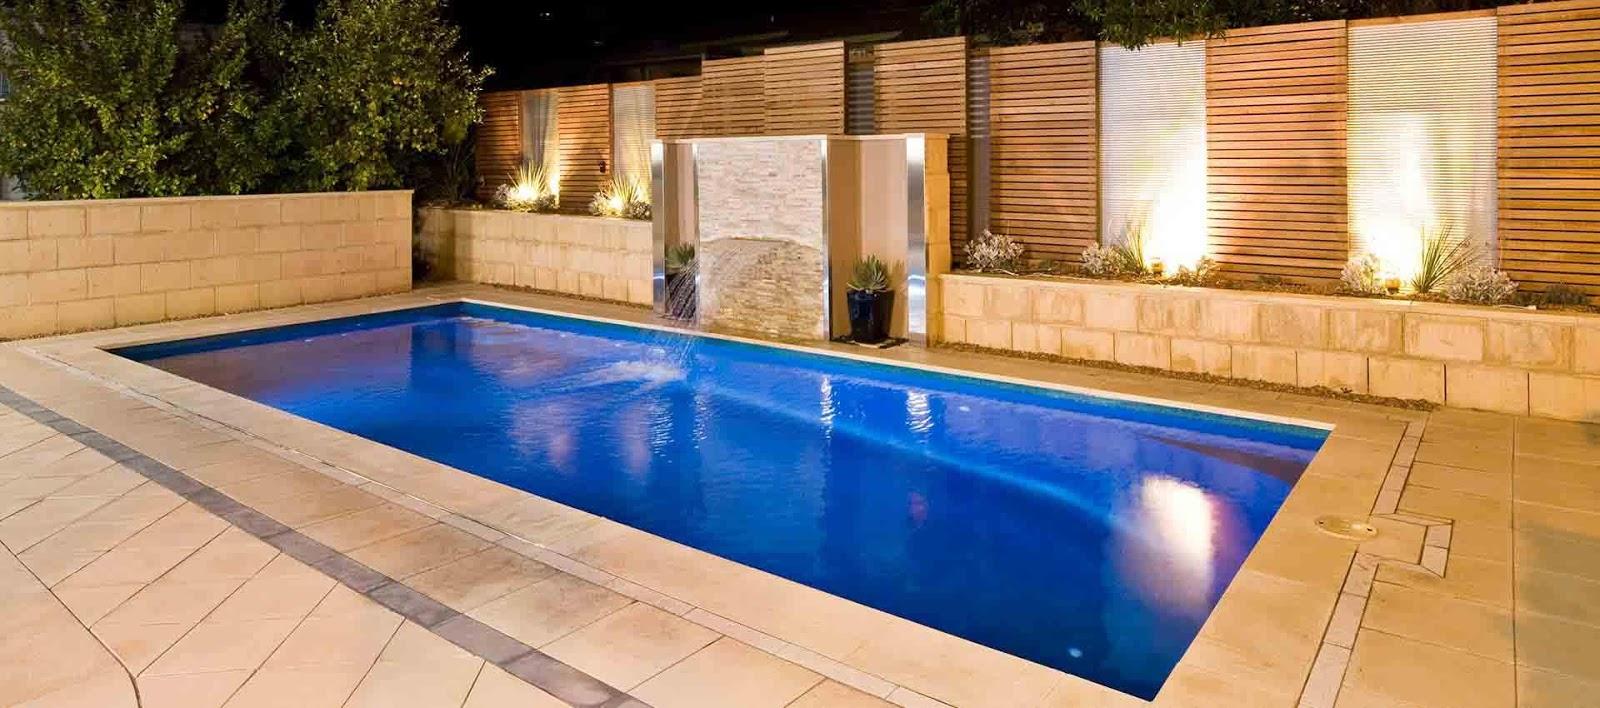 Thiết kế bể bơi rộng rãi với hệ thống phun nước độc đáo